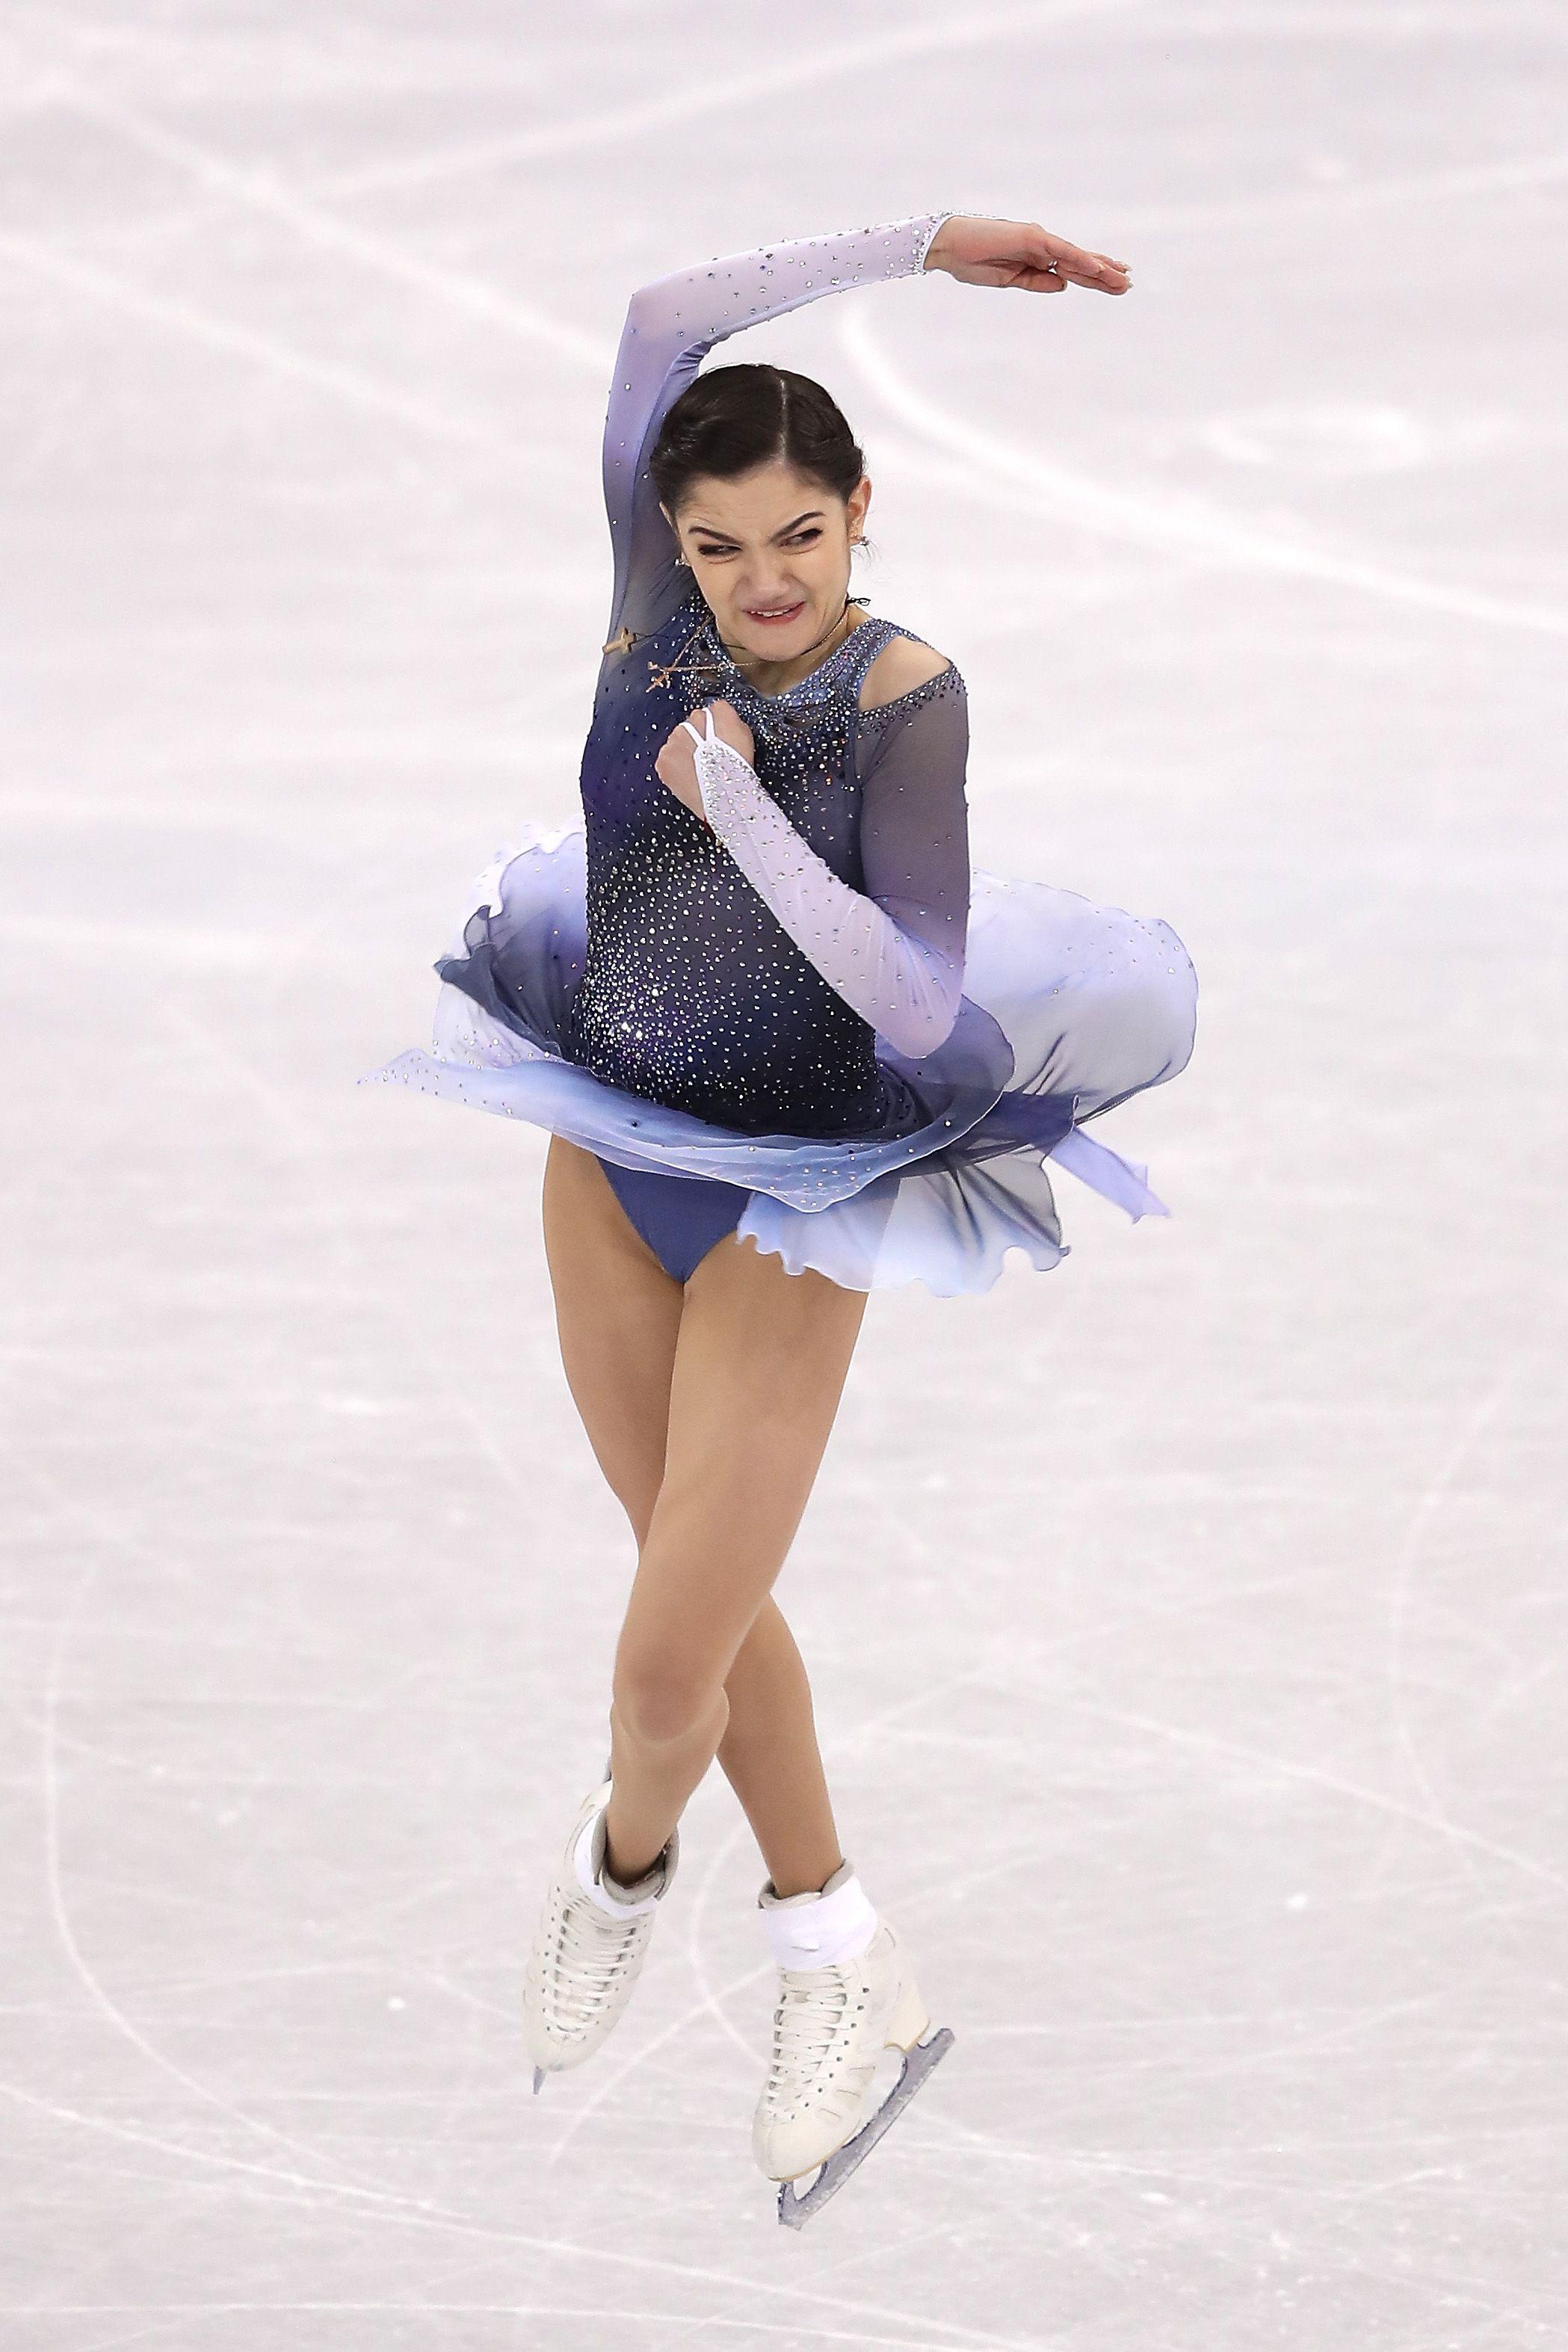 Russian figure skater Evgenia Medvedeva, resolution ...